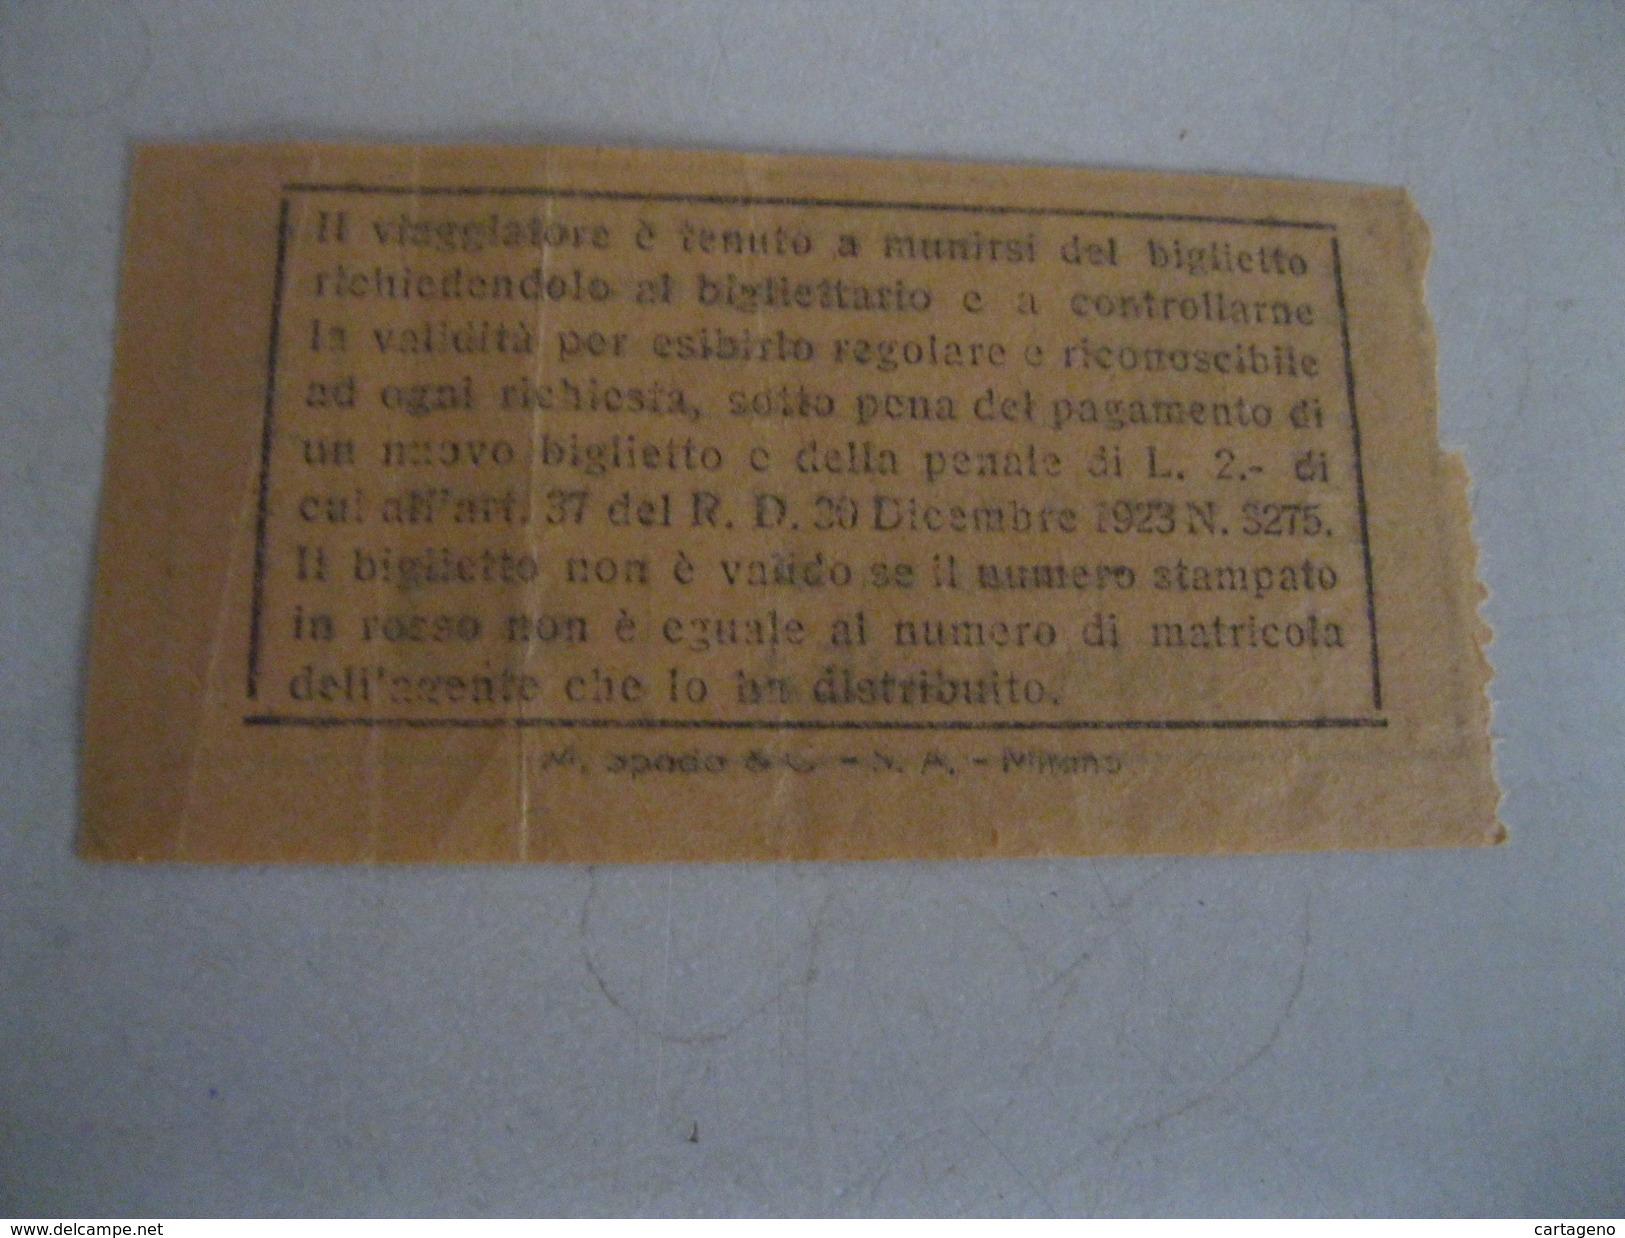 AZIENDA TRANVIARIA MUNICIPALE  Di BOLOGNA Vecchio Biglietto Da 40 Centesimi Anni  30/40 - Tram